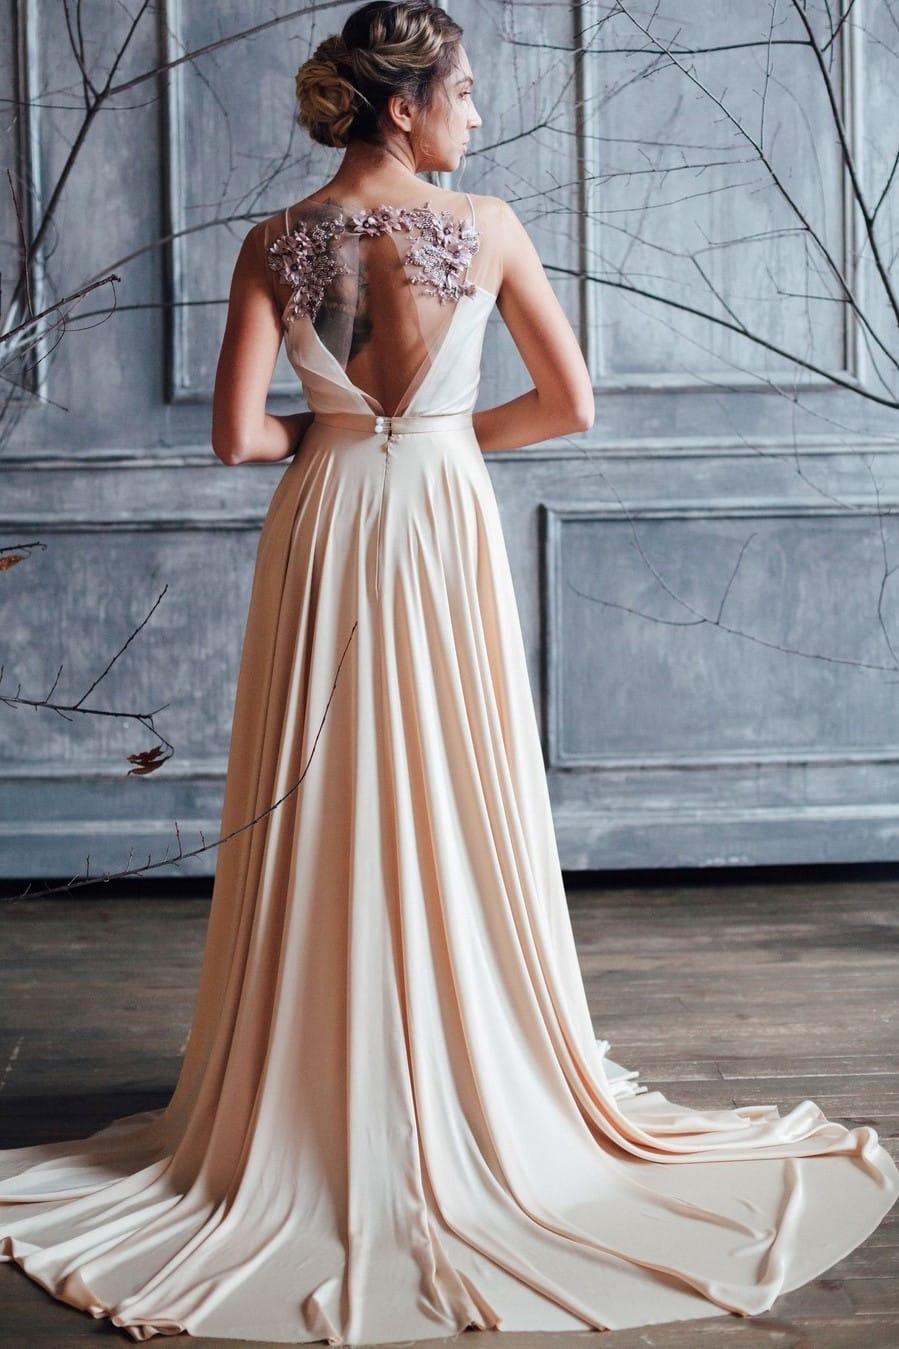 Вечернее платье ENID, коллекция FLOWER MAGIC, бренд RARE BRIDAL, фото 5